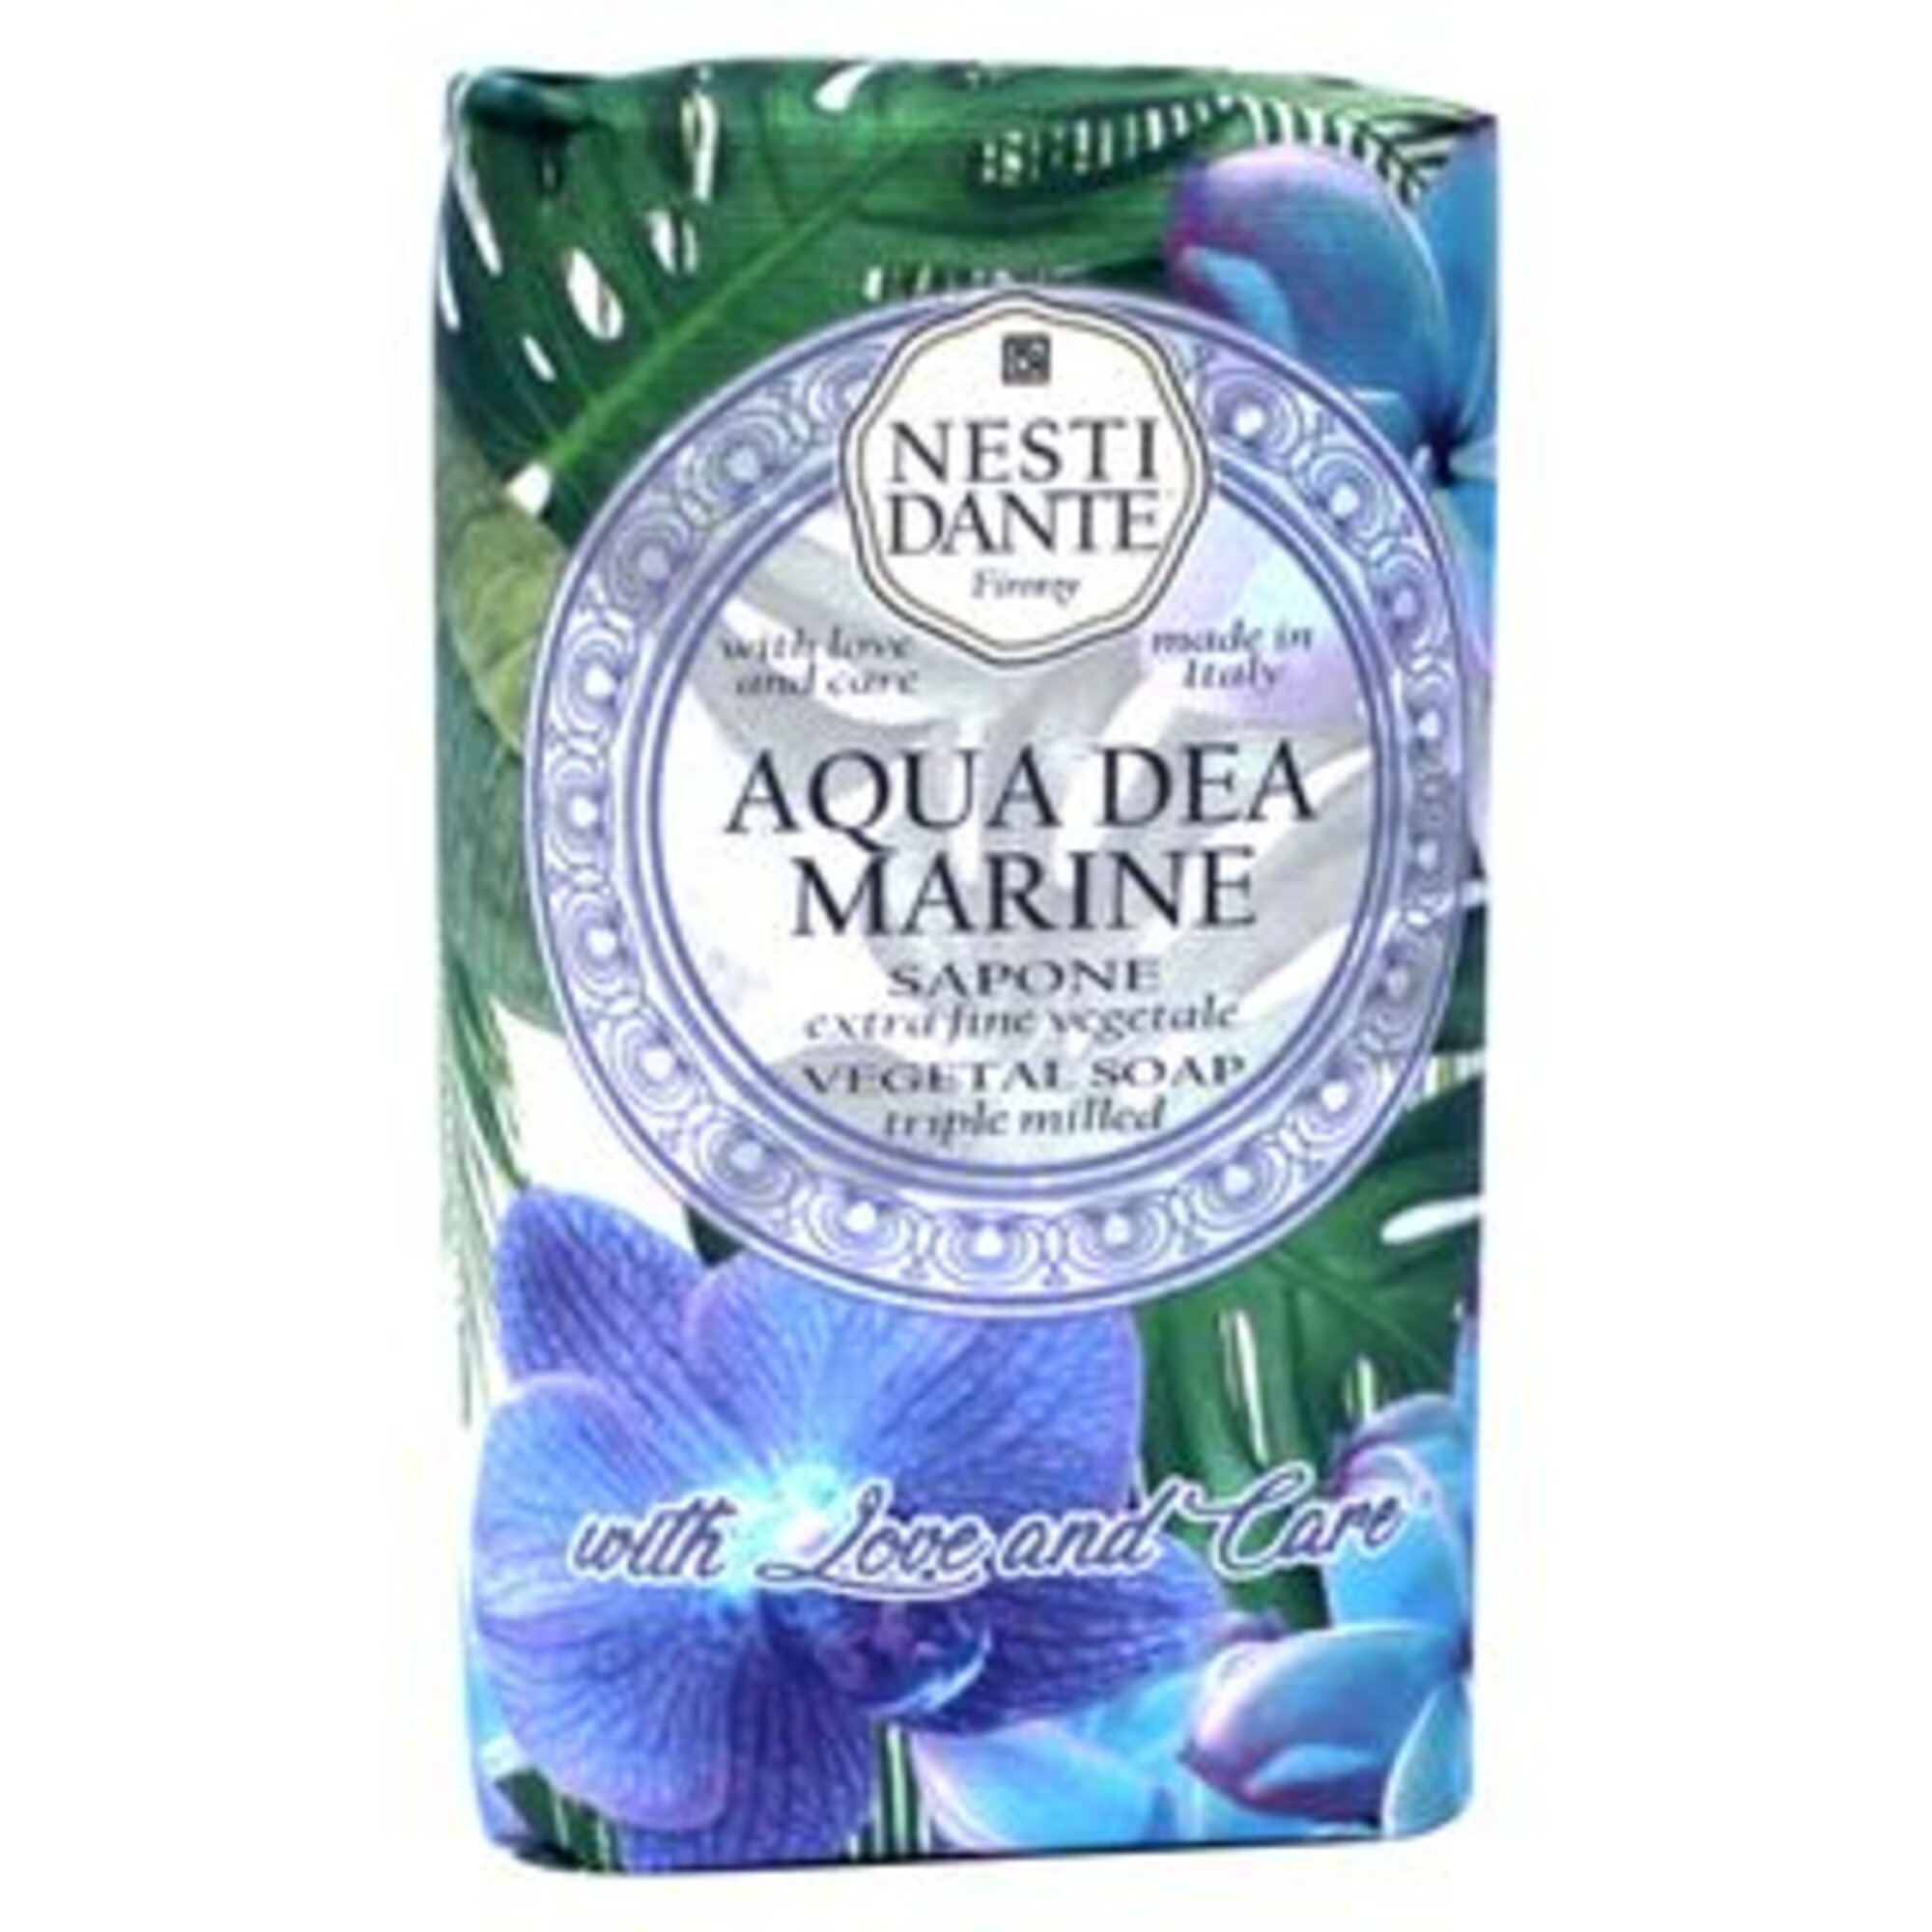 Sabonete Barra With Love And Care Acqua Dea Marine 250g Nesti Dante